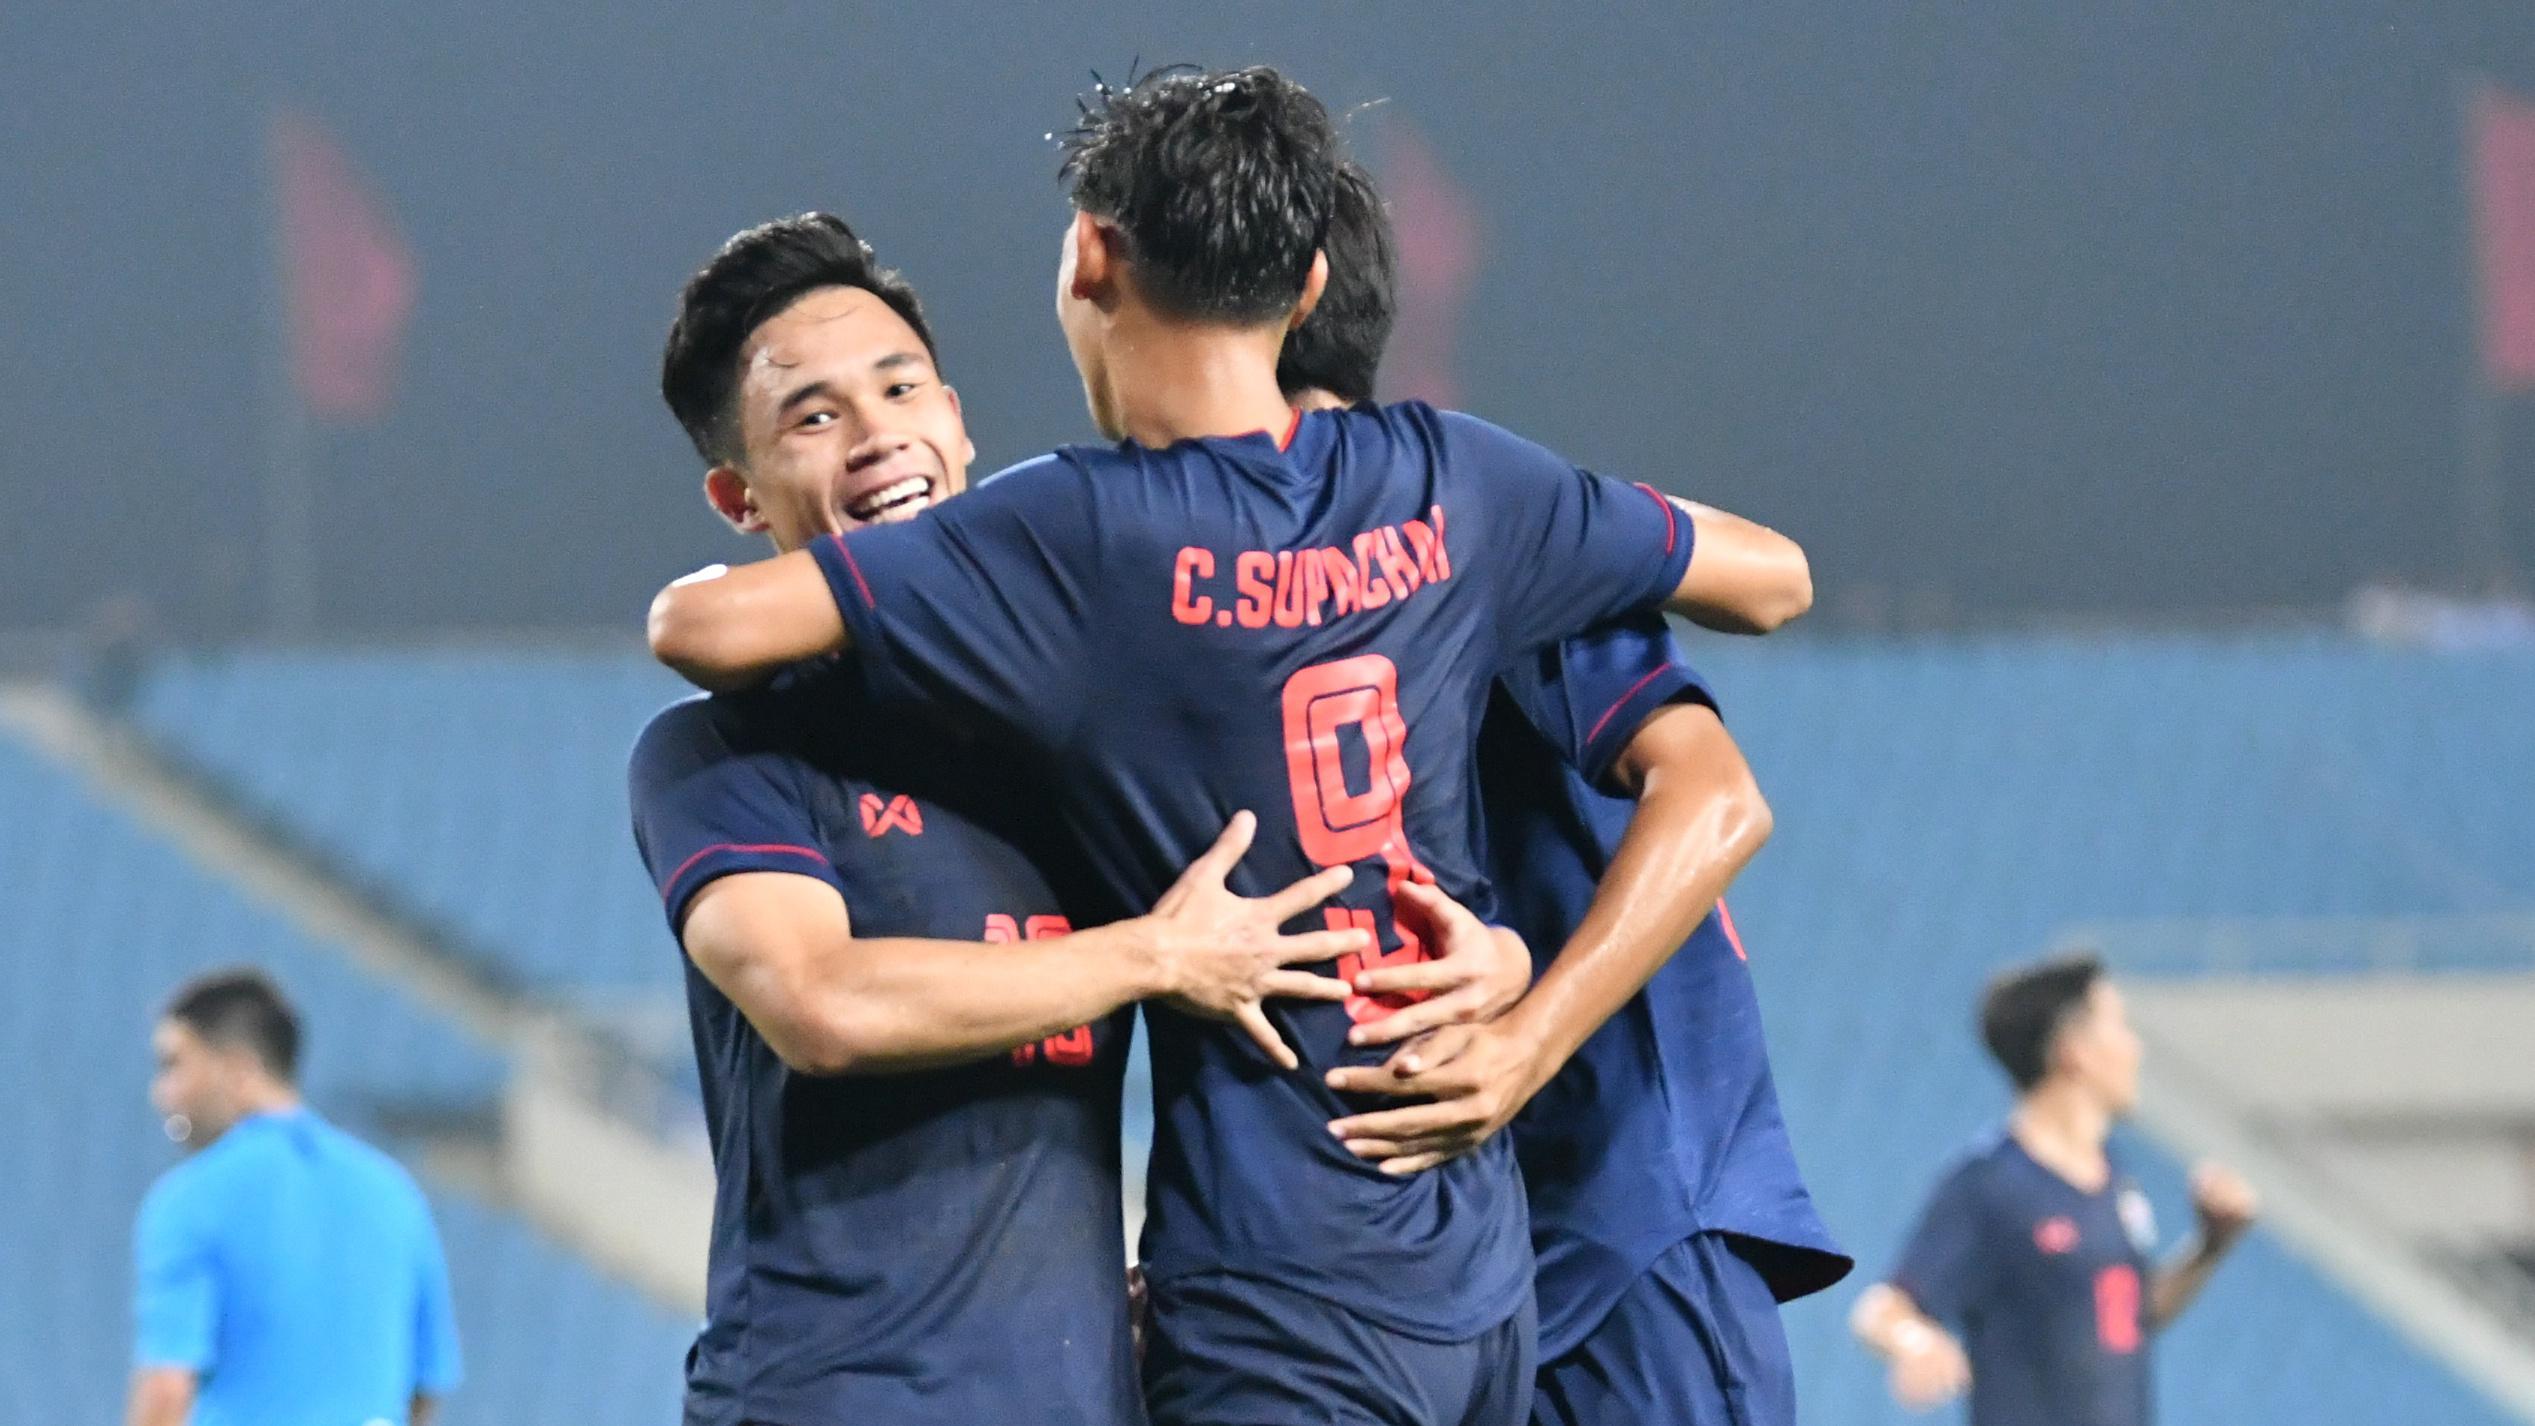 ชิงแชมป์เอเชีย รุ่นอายุไม่เกิน 16 ปี ทีมชาติอินโดนีเซีย U23 ทีมชาติไทย U23